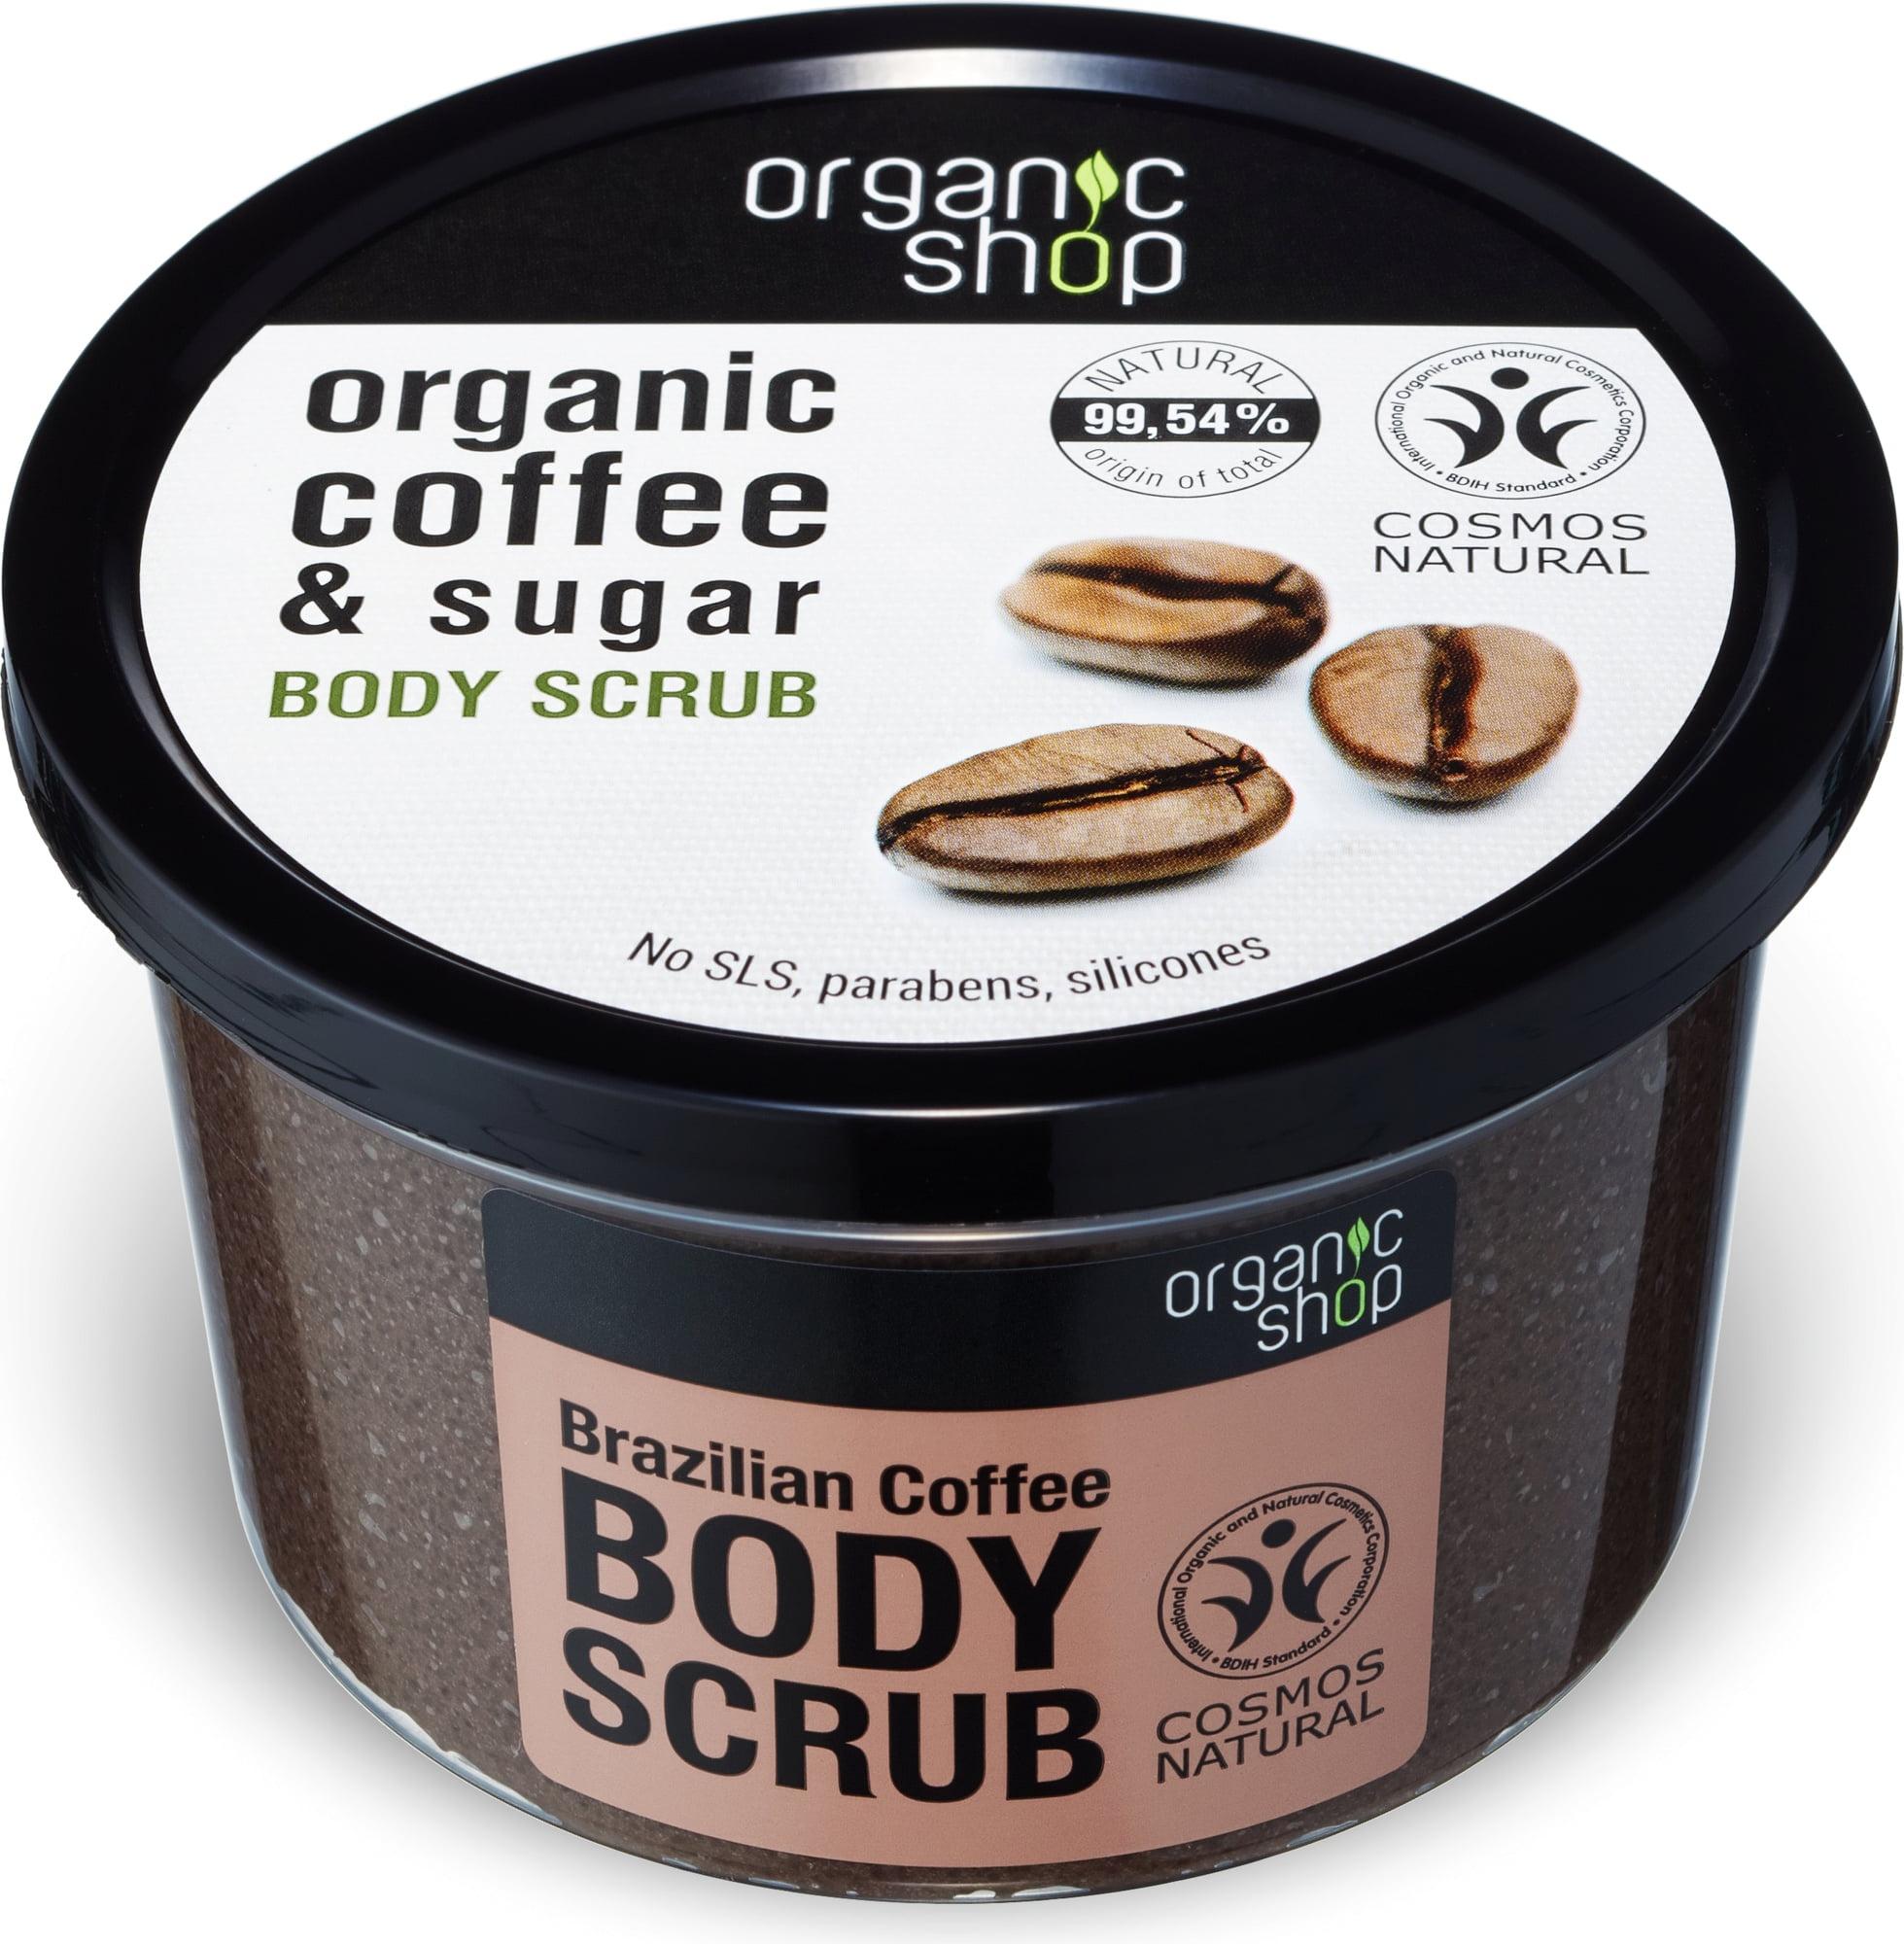 Organic Shop Coffee & Sugar Body Scrub